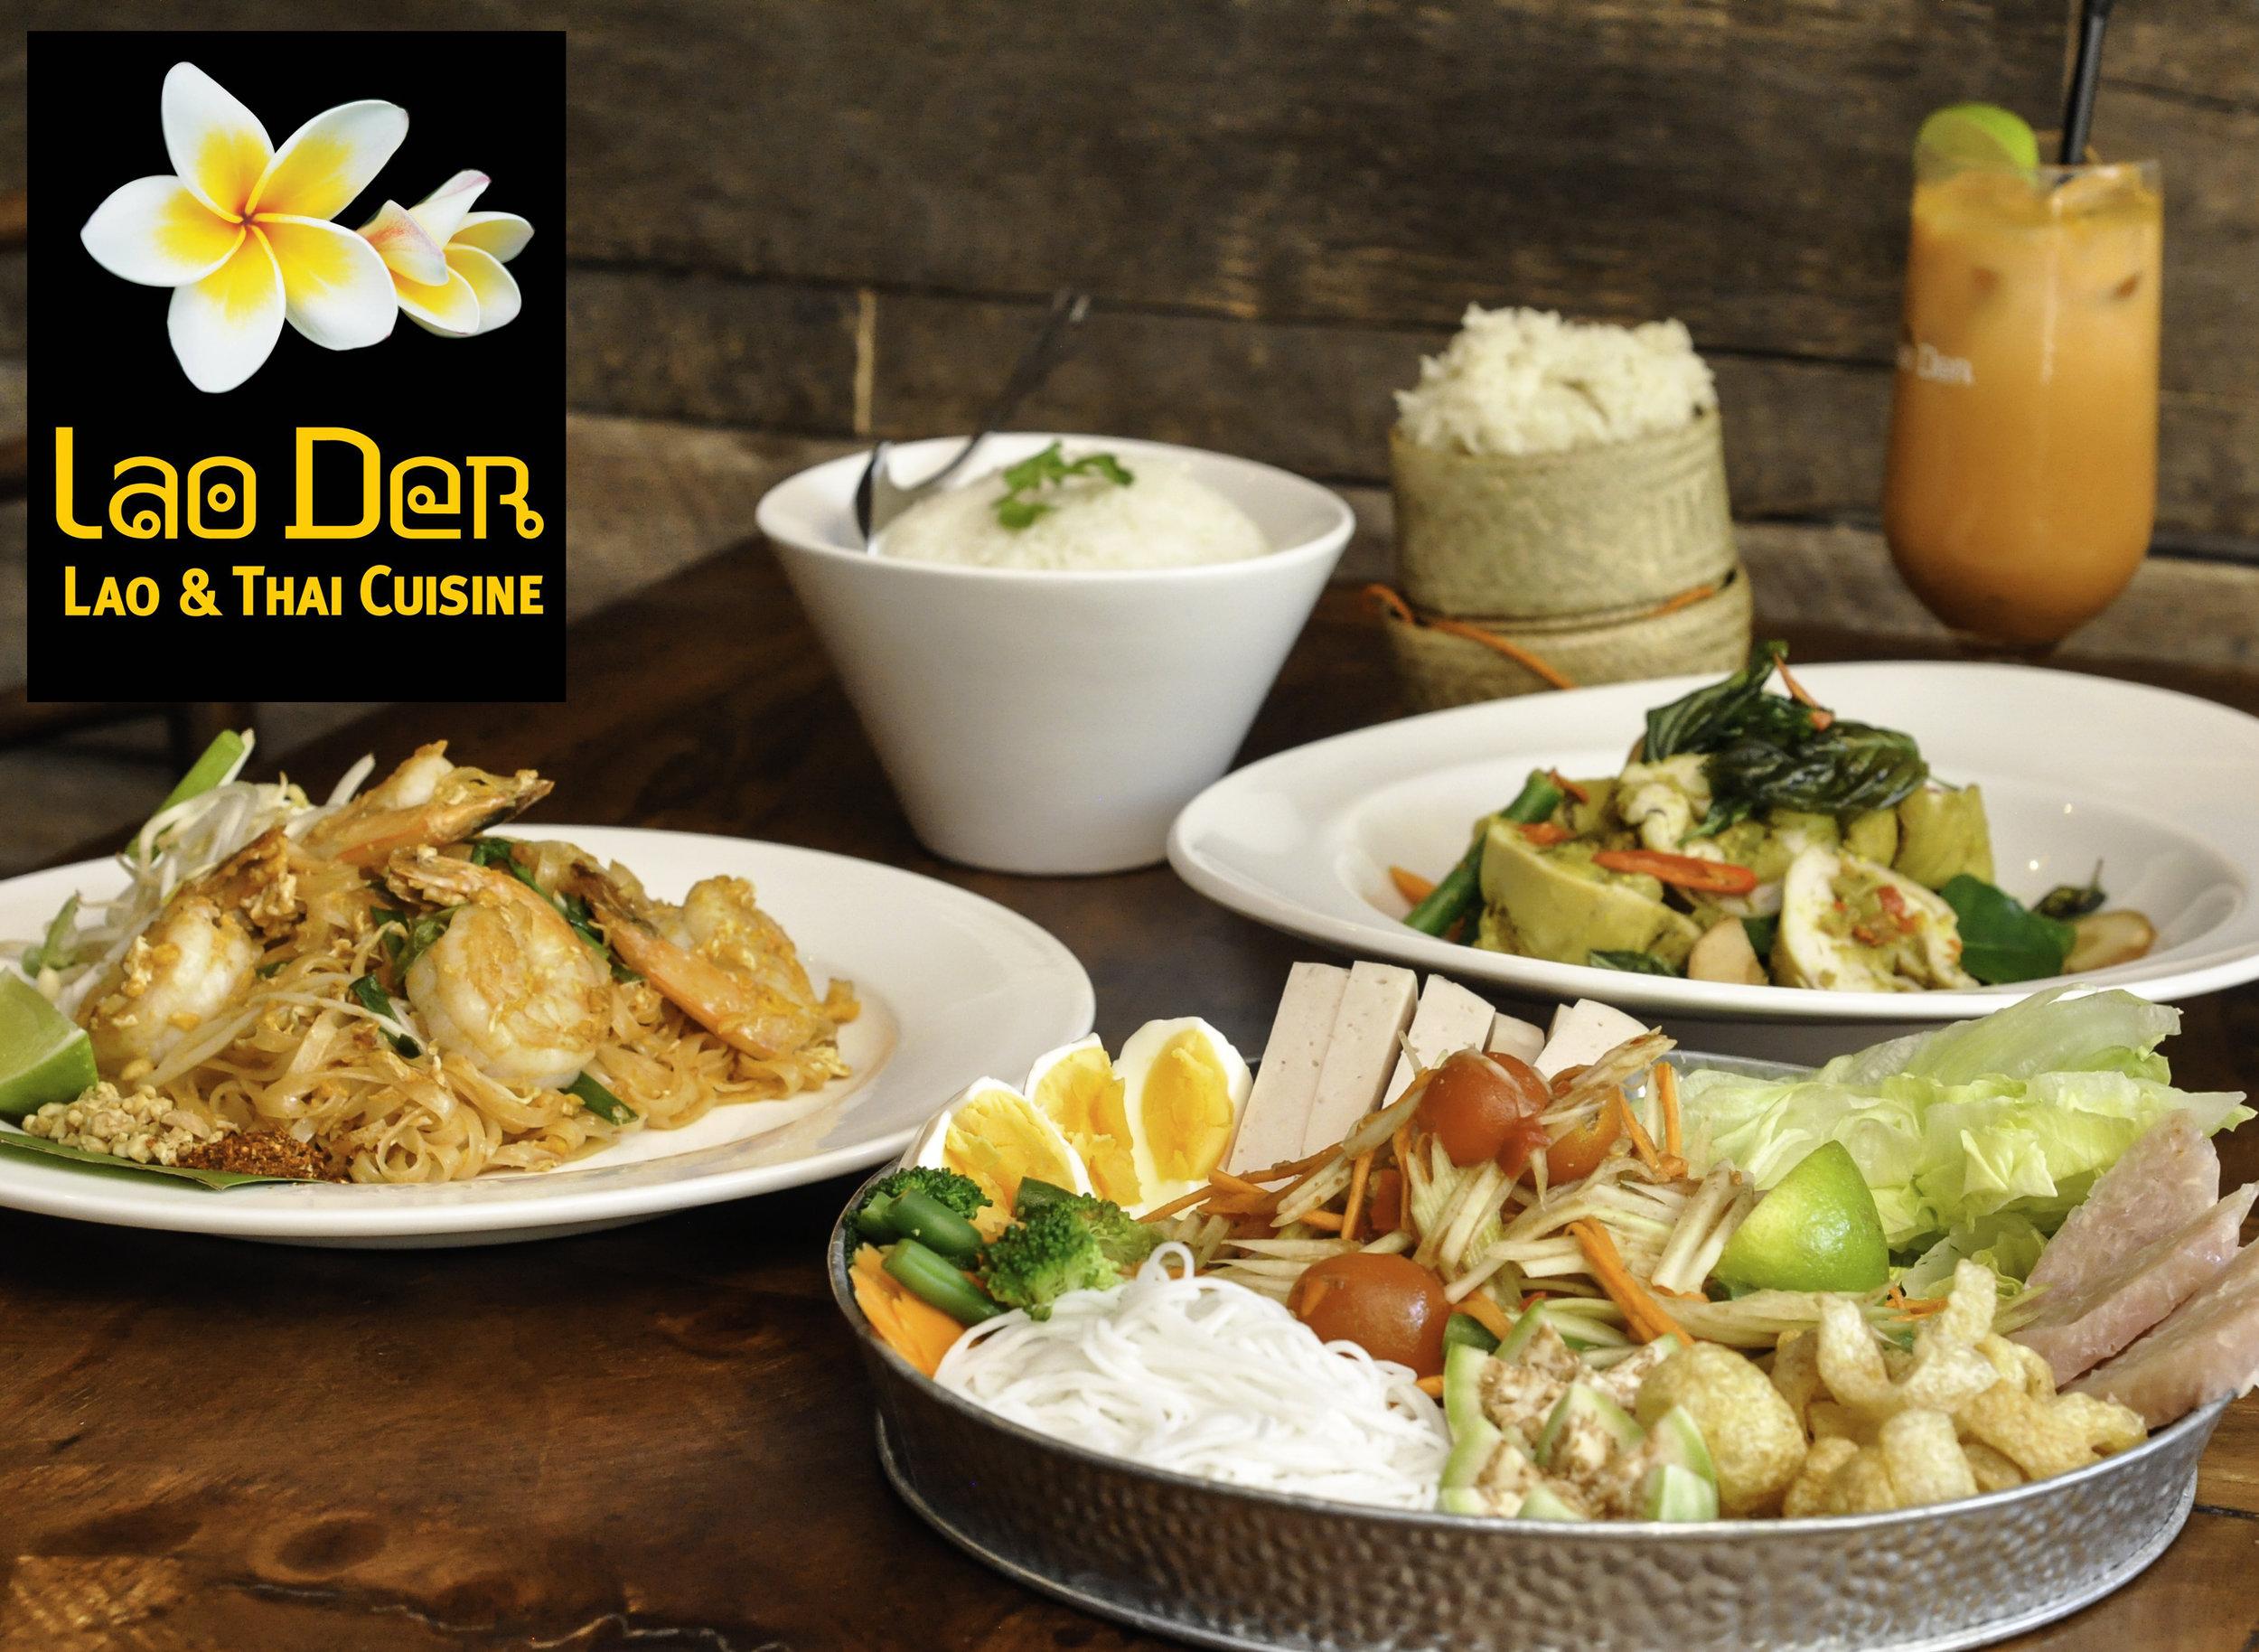 Lao Der Lao Thai Cuisine - Cuisine laotienne